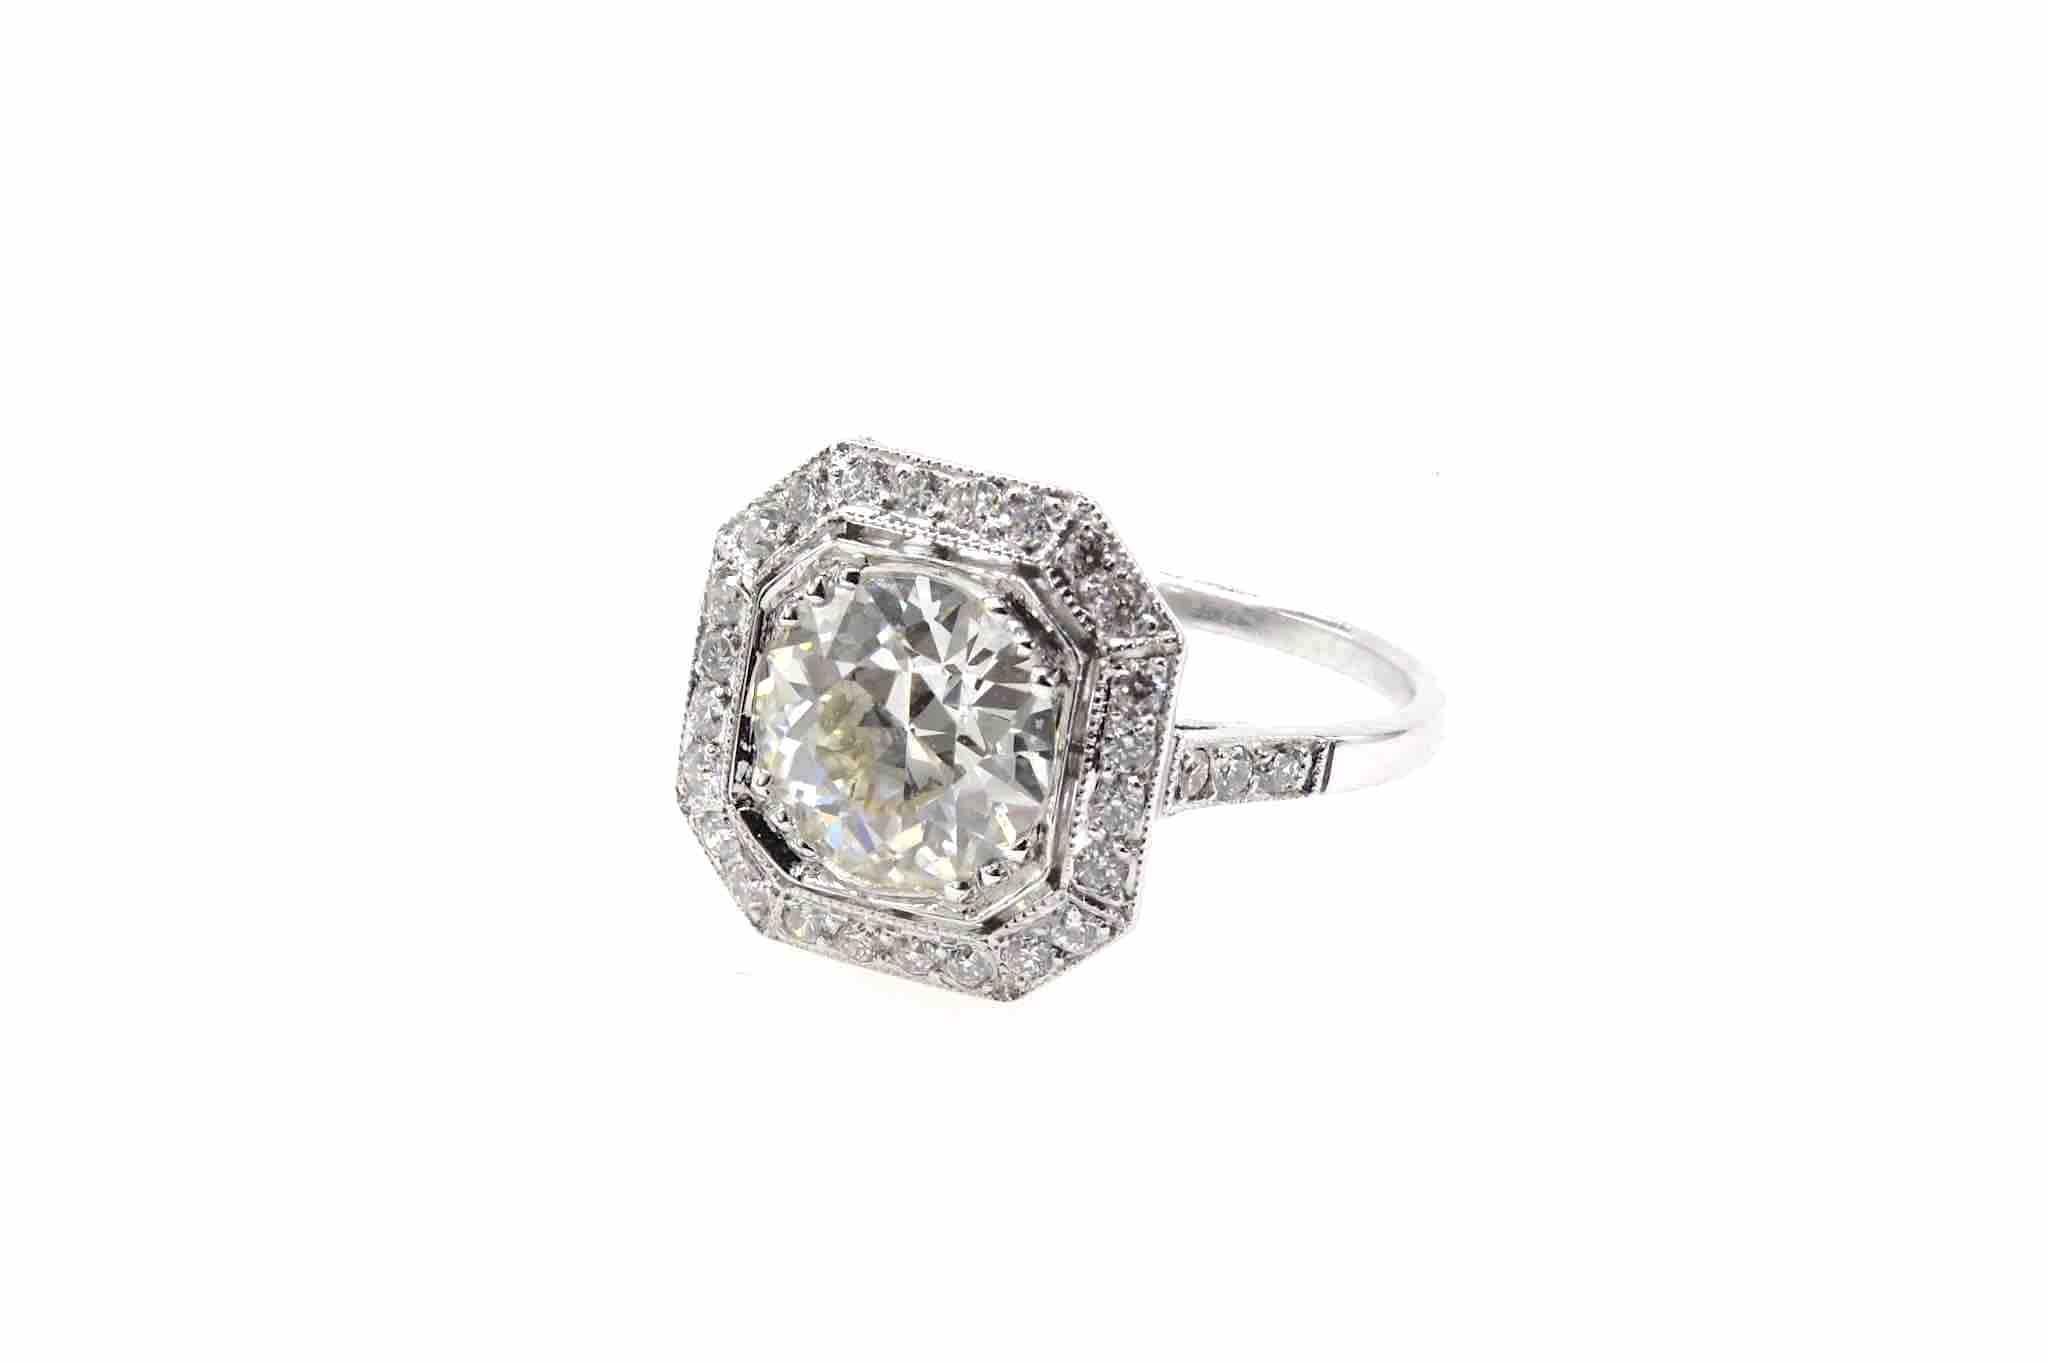 Bague diamant taille coussin de 1,59 cts J / SI1